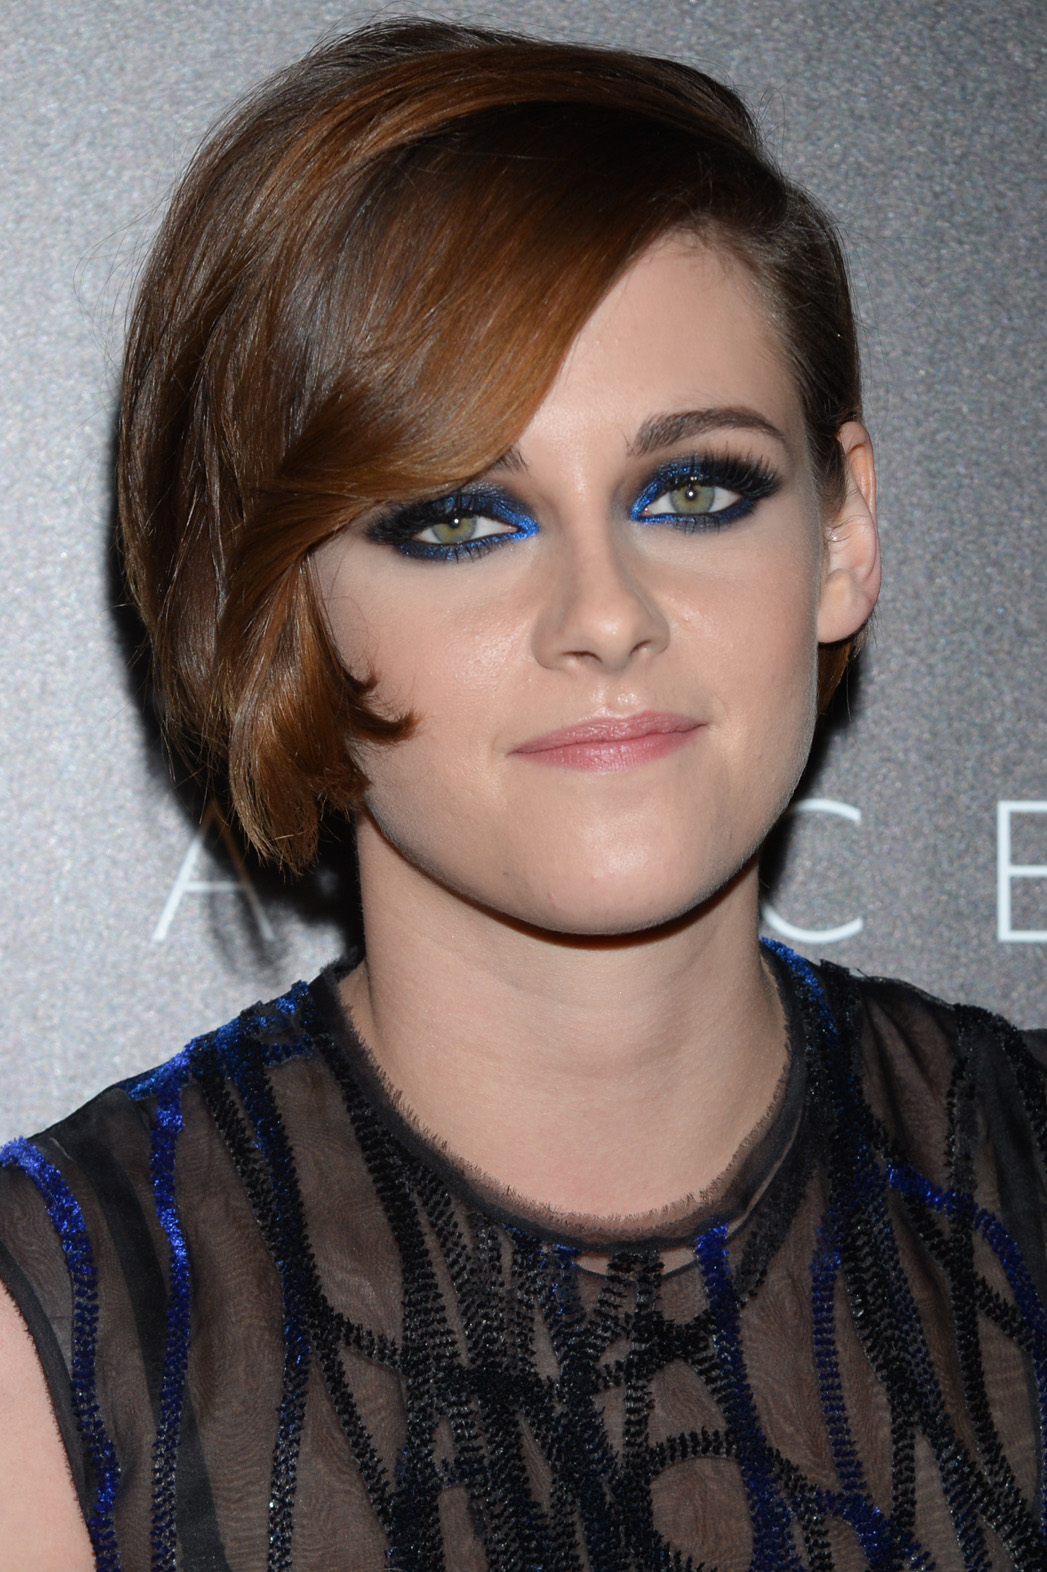 Kristen Stewart Headshot - P 2015